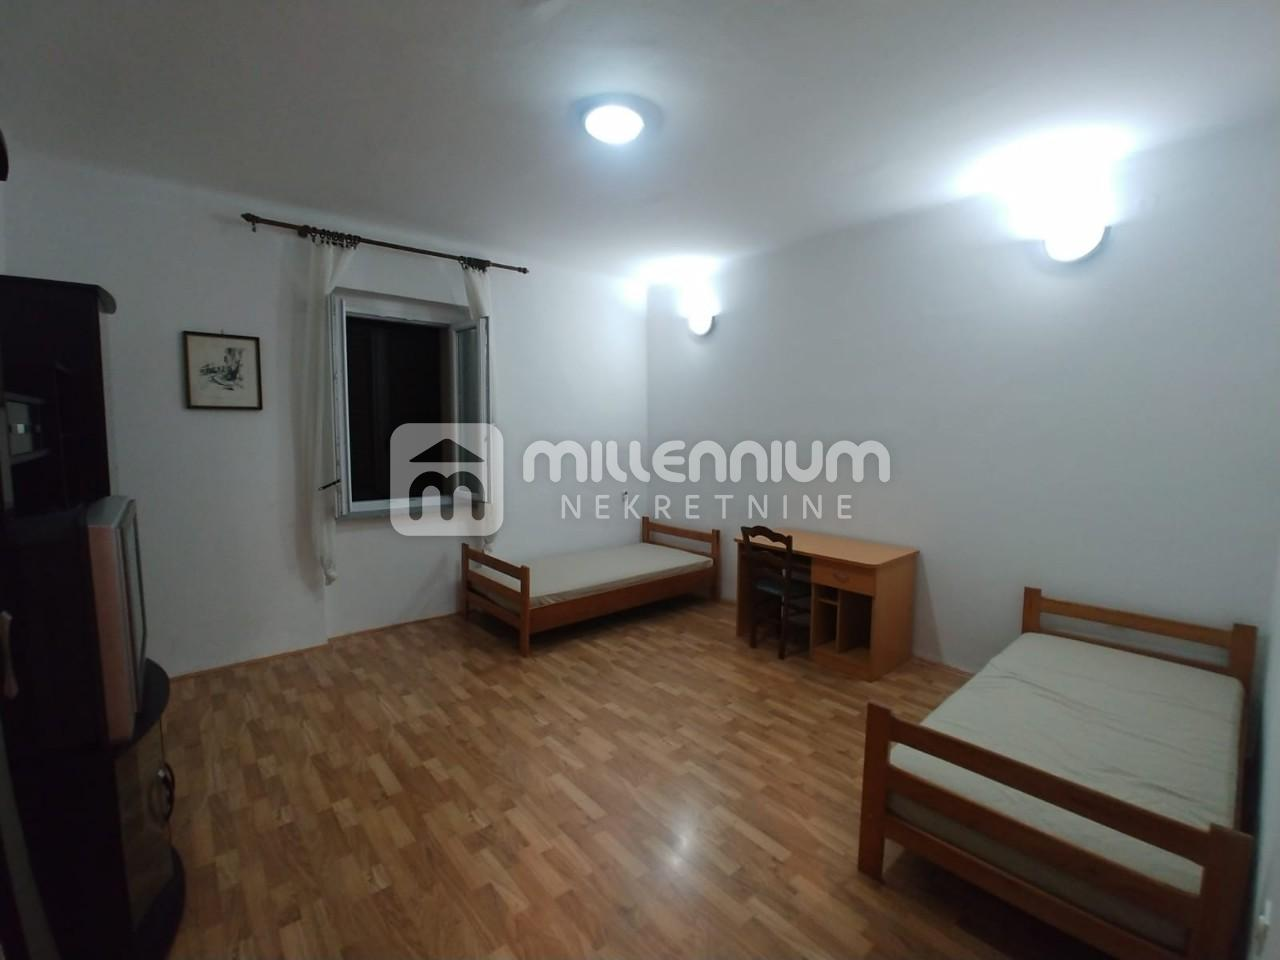 Najam, Rijeka, Turnić, 64m2, 2-sobni stan